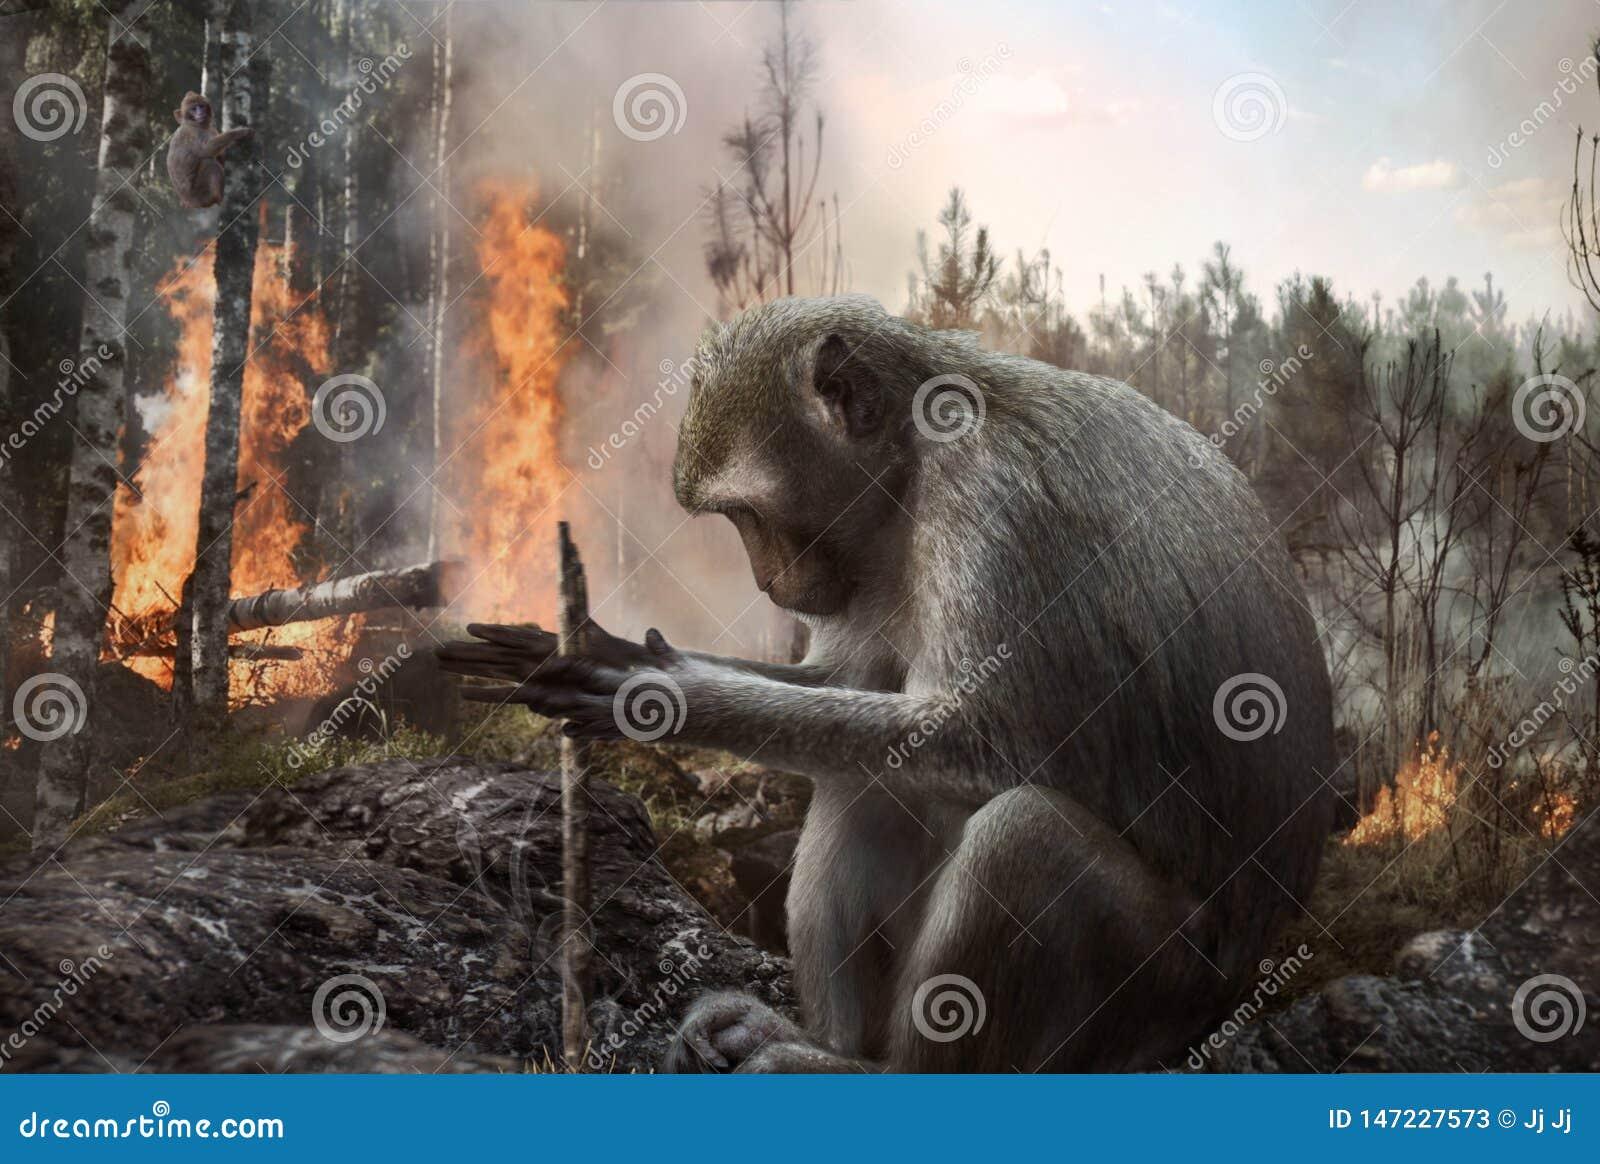 放在森林砍伐森林的放火狂mokey火,危险,环境库存图片. 图片包括有放 ...